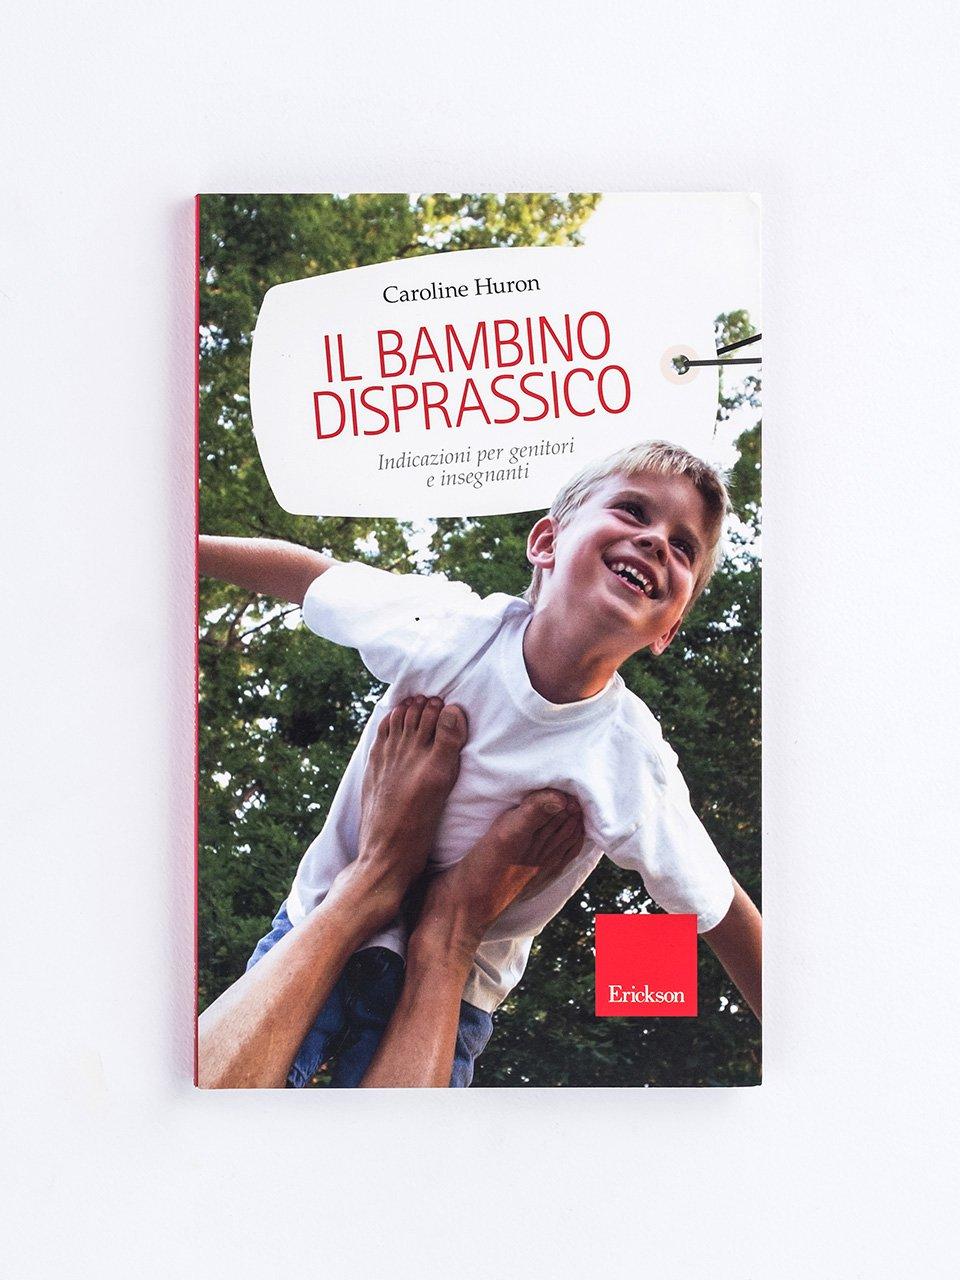 Il bambino disprassico - Educare all'espressione artistica - Libri - Erickson